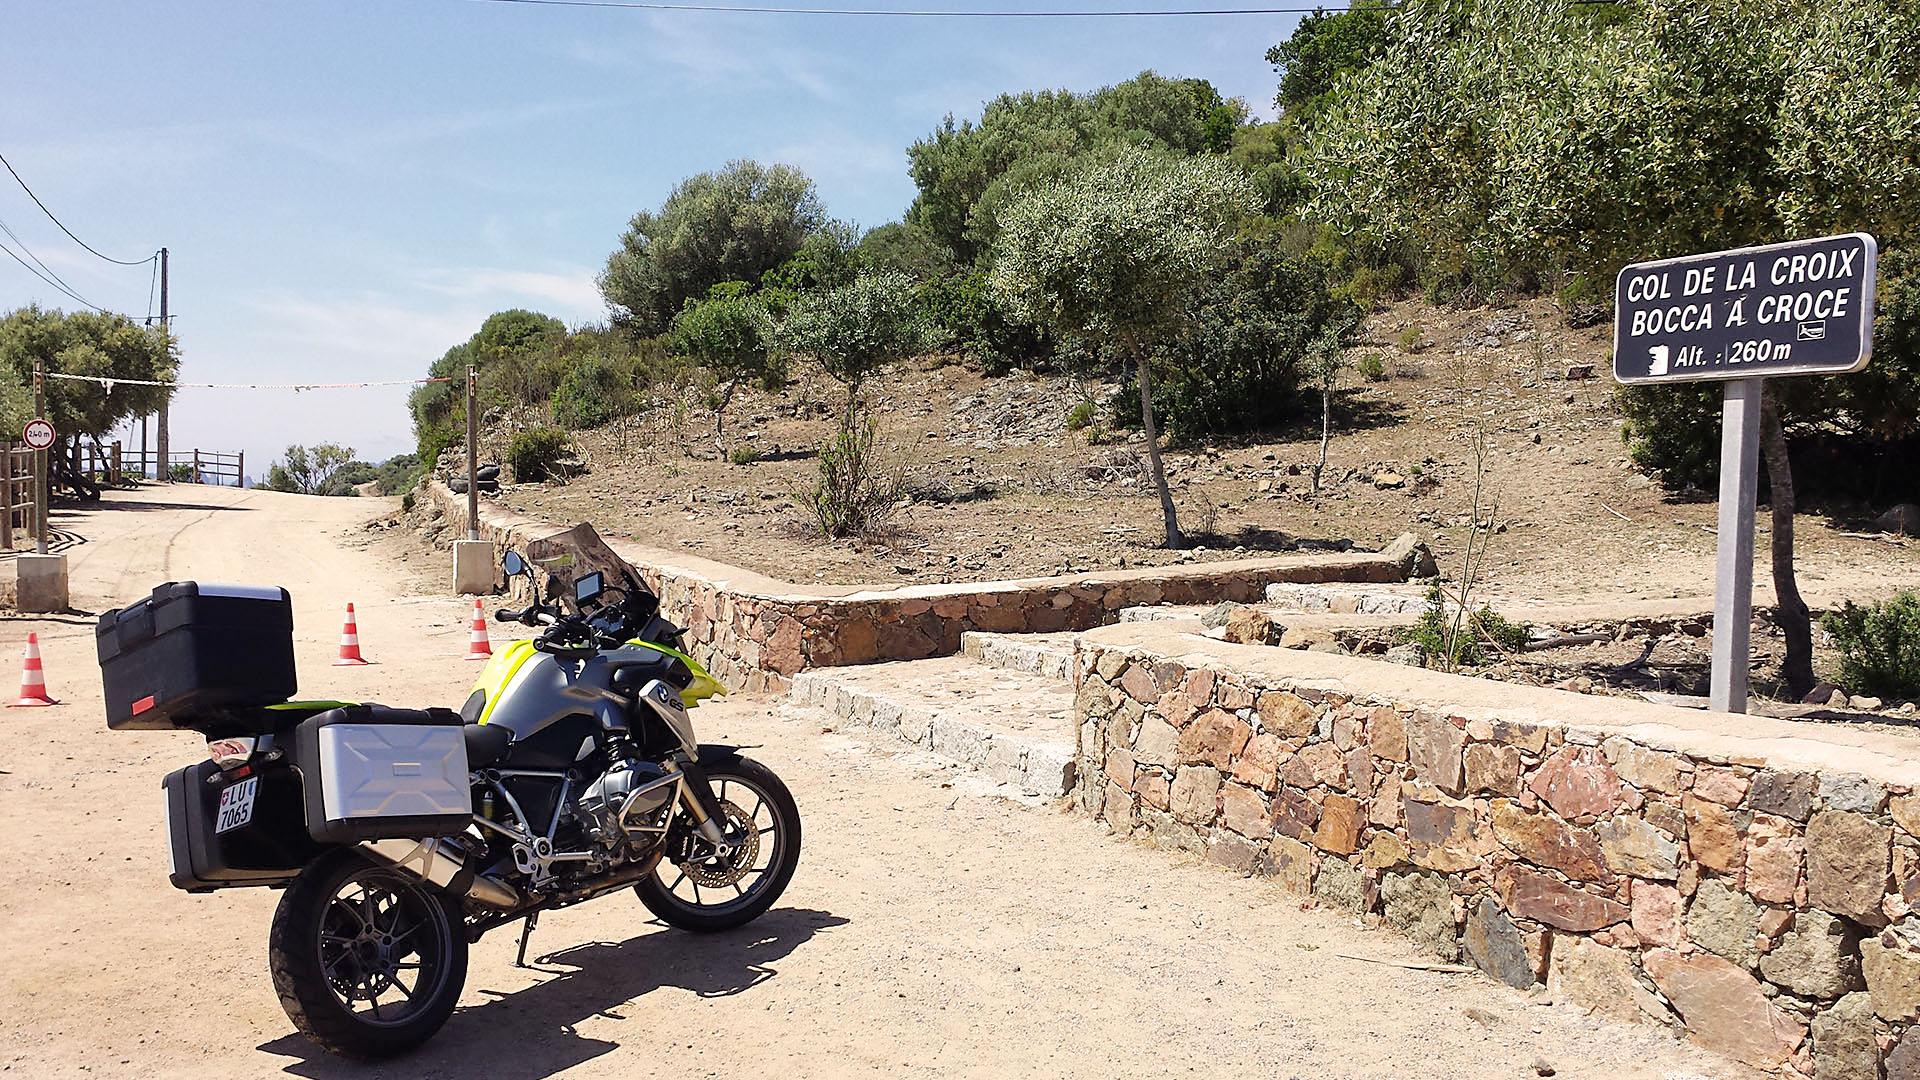 0260 - F (Corse) - Col de la Croix (Bocca à Croce) © Pässe.Info